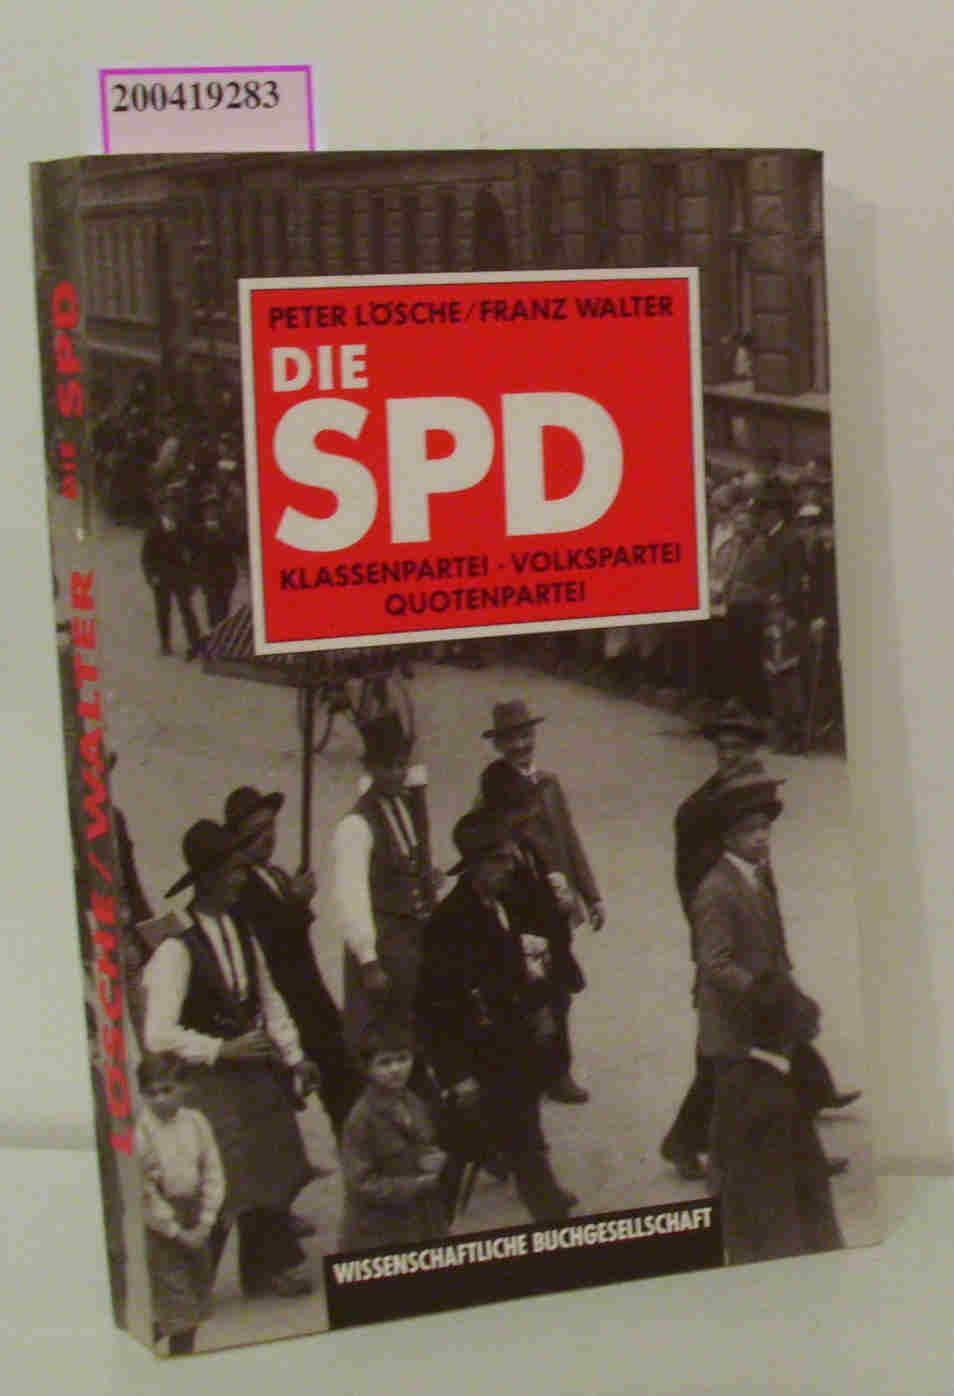 Die SPD / Klassenpartei - Volkspartei -: Lösche, Peter ;